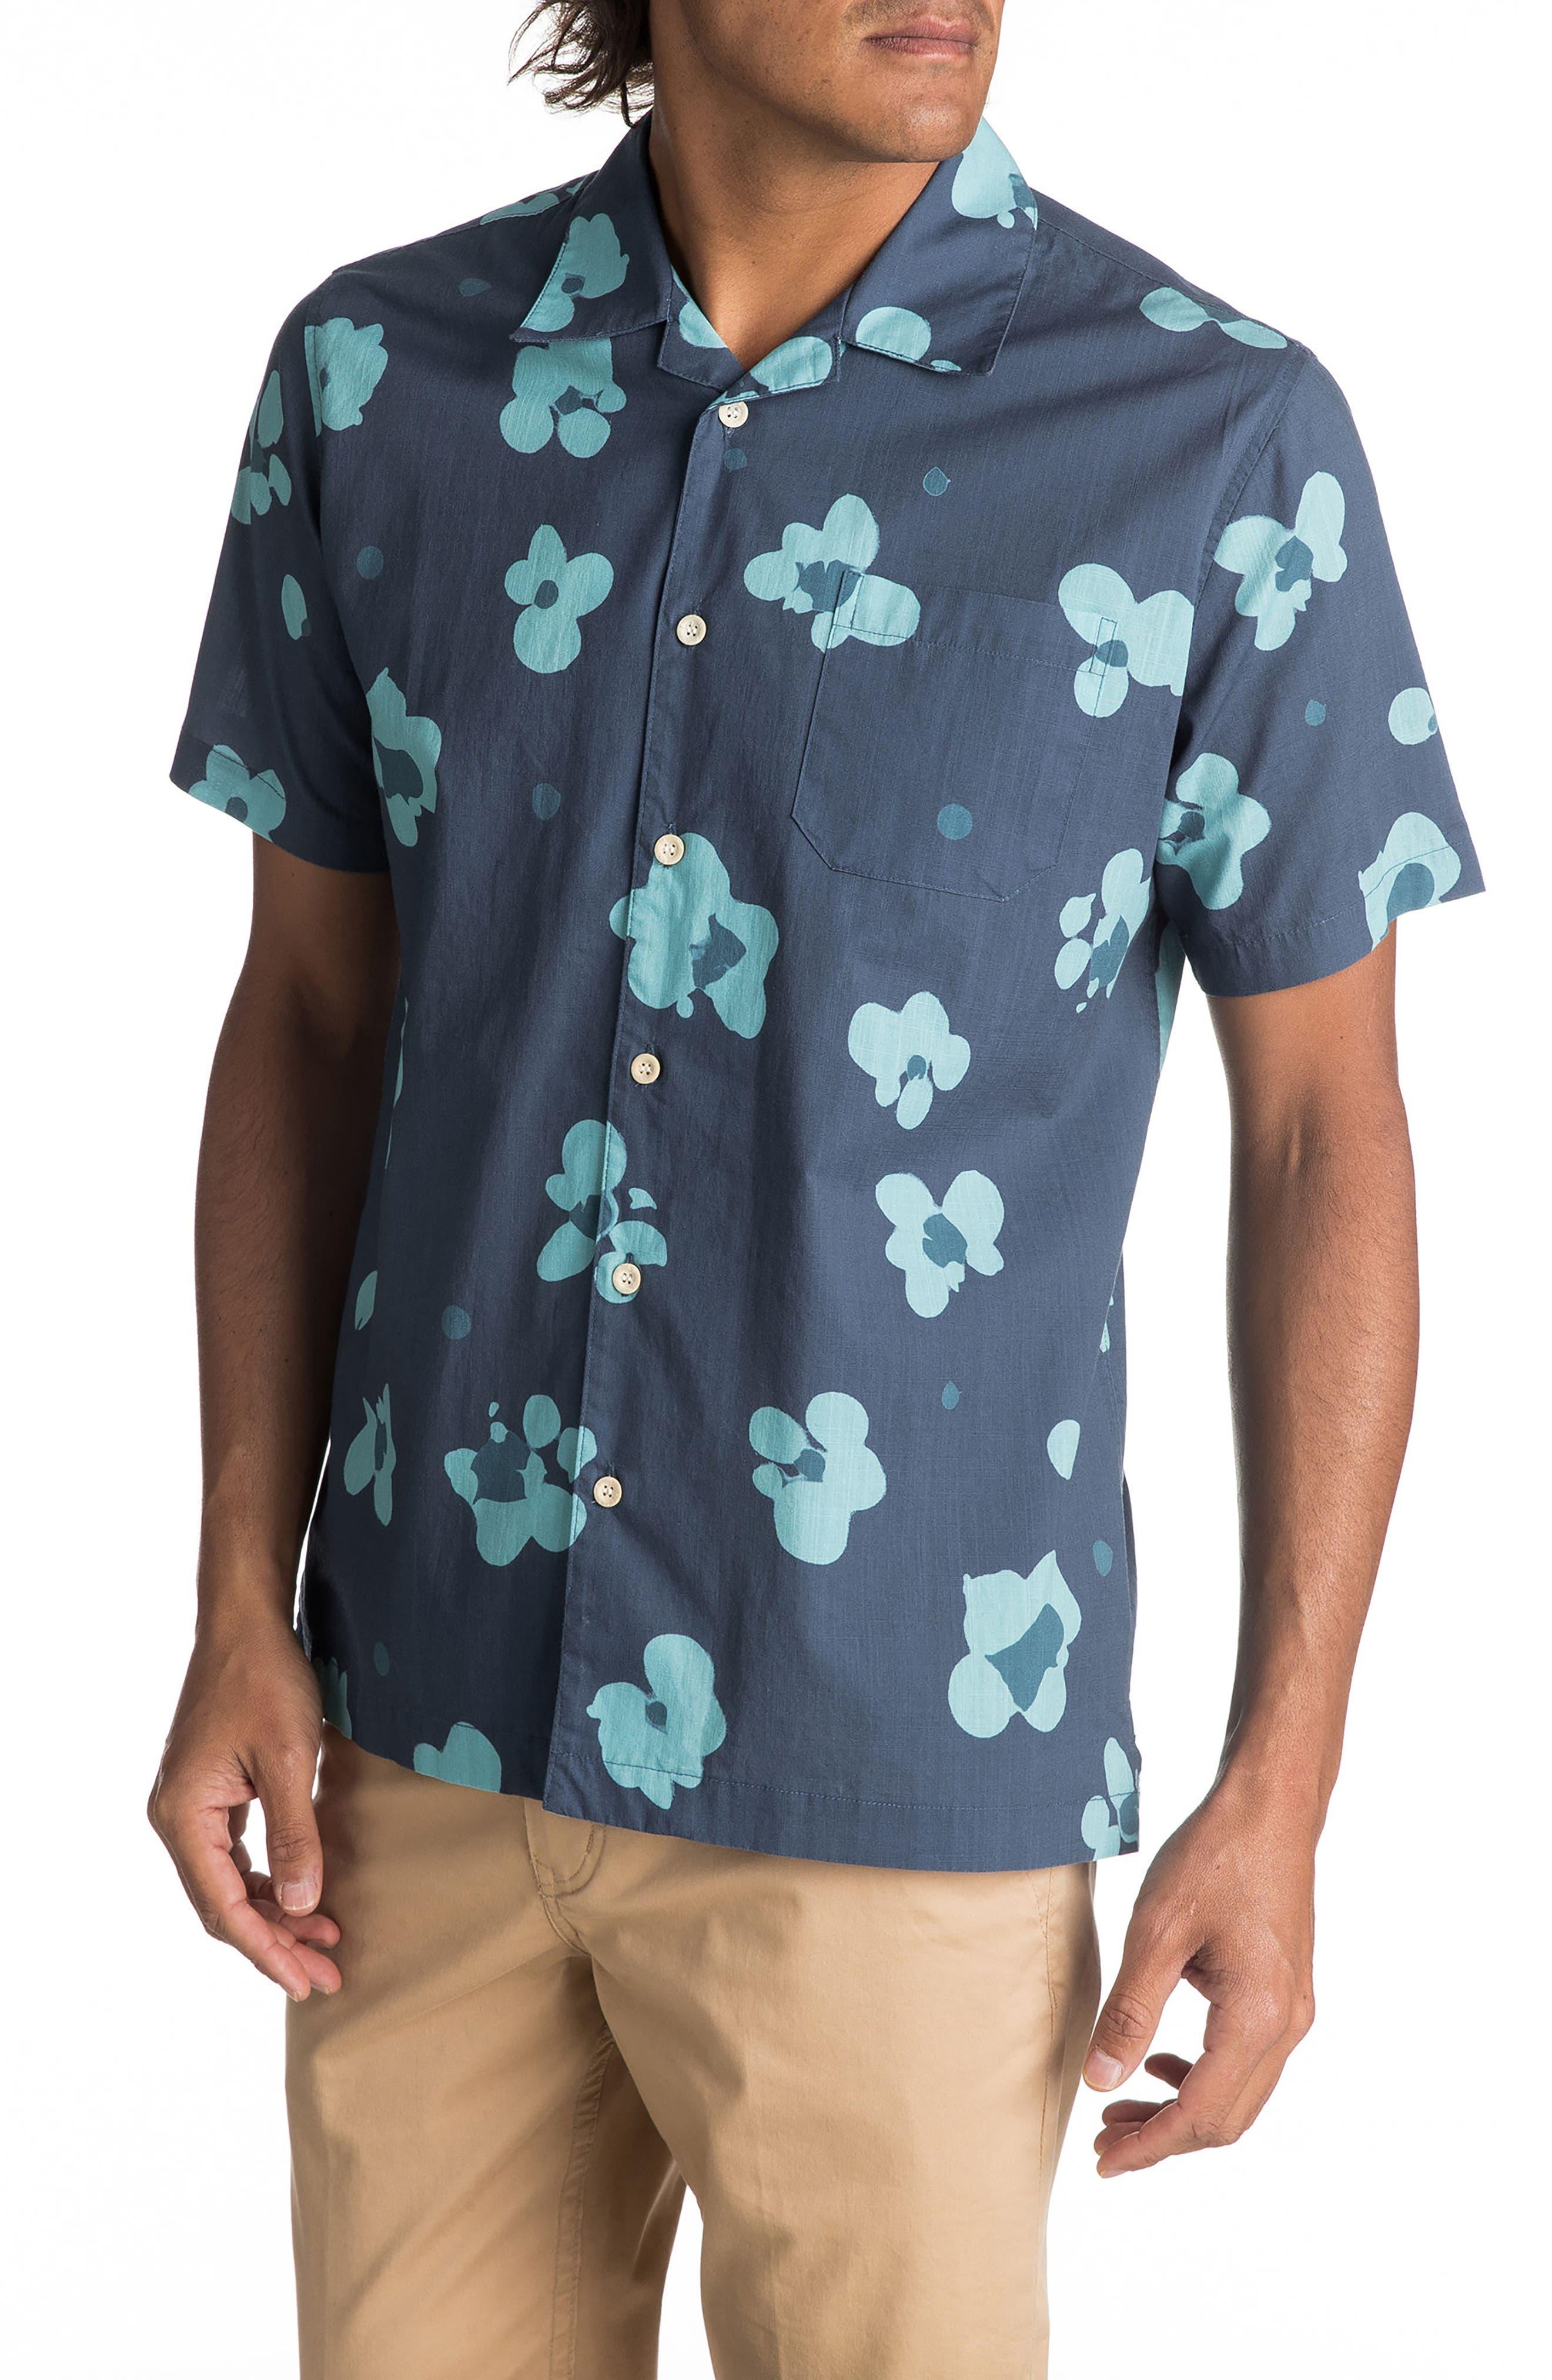 Waterfloral Camp Shirt,                             Main thumbnail 1, color,